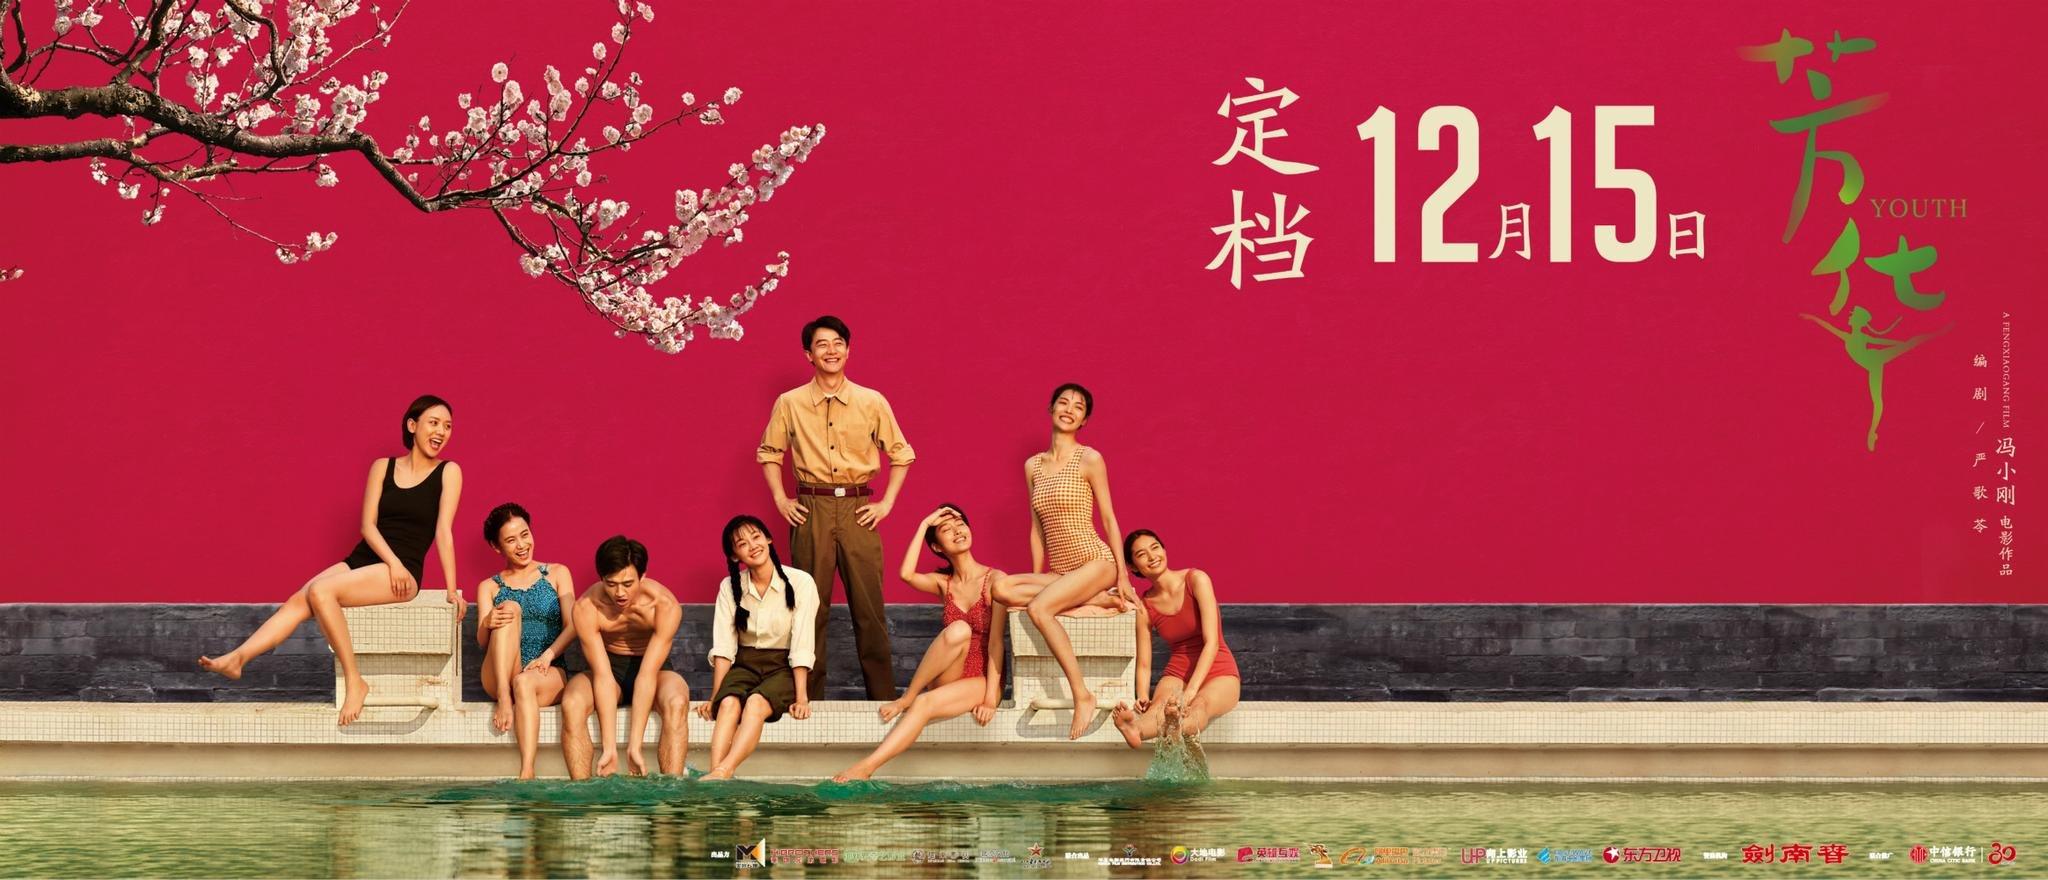 《芳华》正式宣布于12月15日全国上映 冯导时隔五年重回荧屏